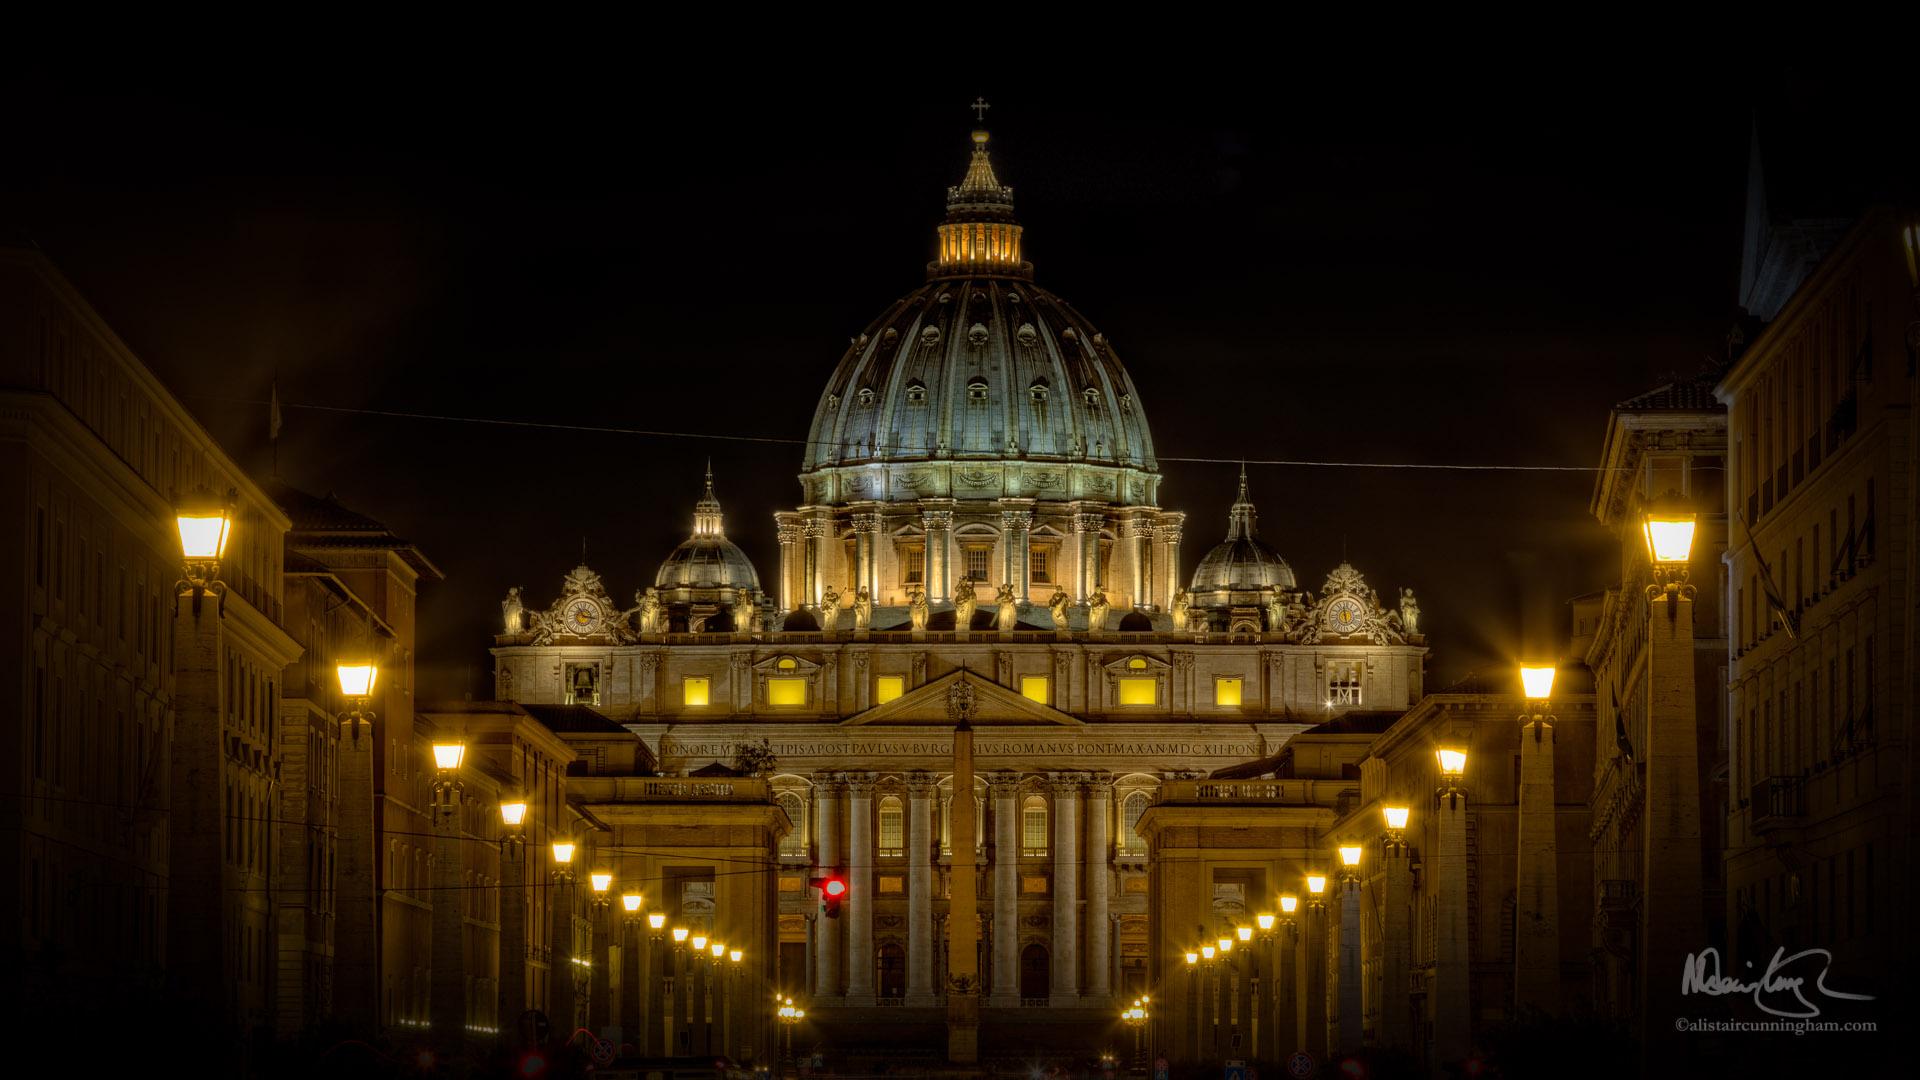 St Peter's Basilica Looking Down the Via della Conciliazione